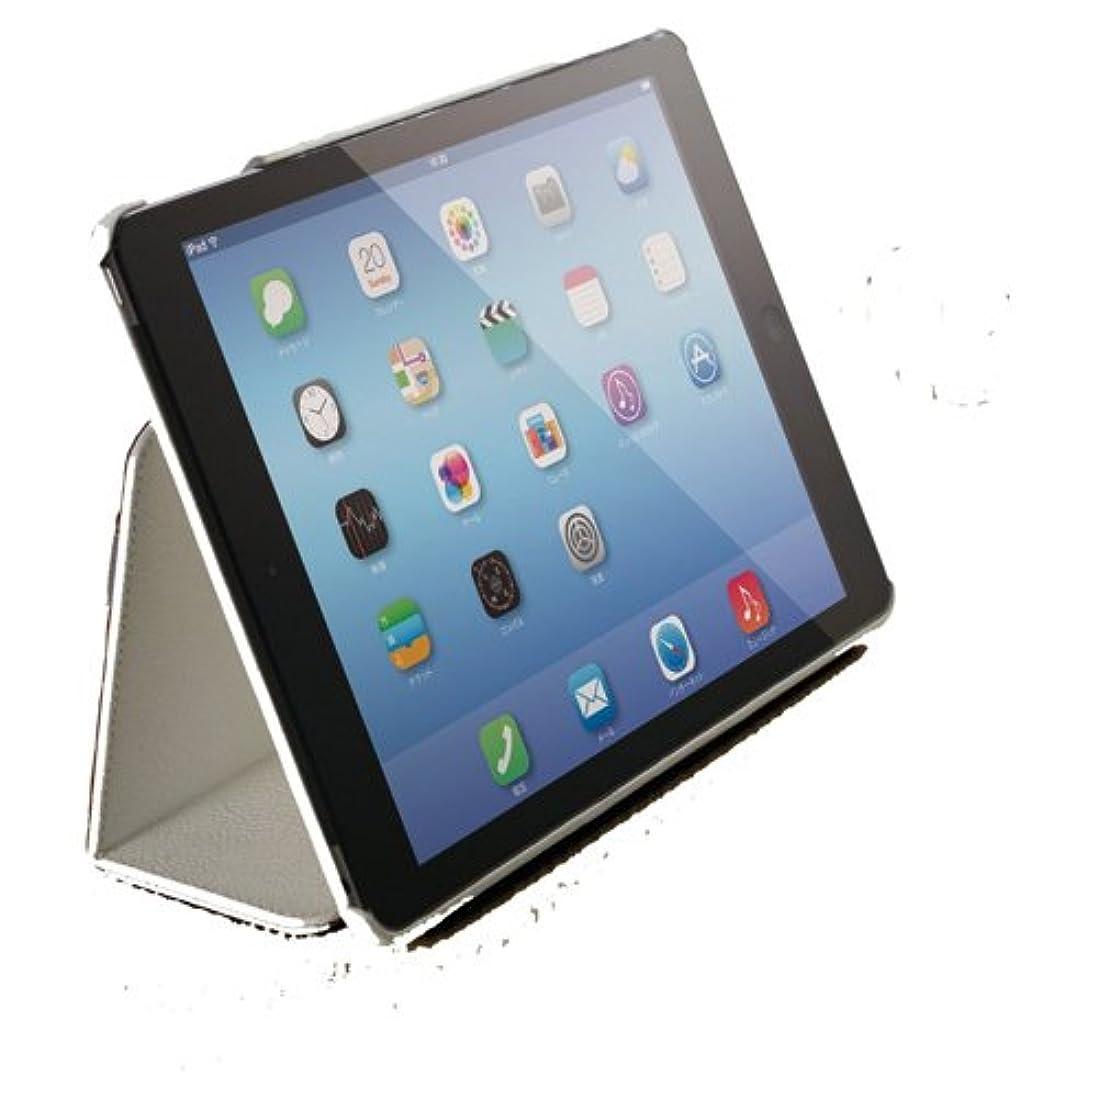 地雷原全国自信がある【2014年モデル】ELECOM iPad Air 2 ソフトレザーカバー 2アングルスタンドタイプ ハンドホールドベルト付き ホワイト TB-A14PLF1WH